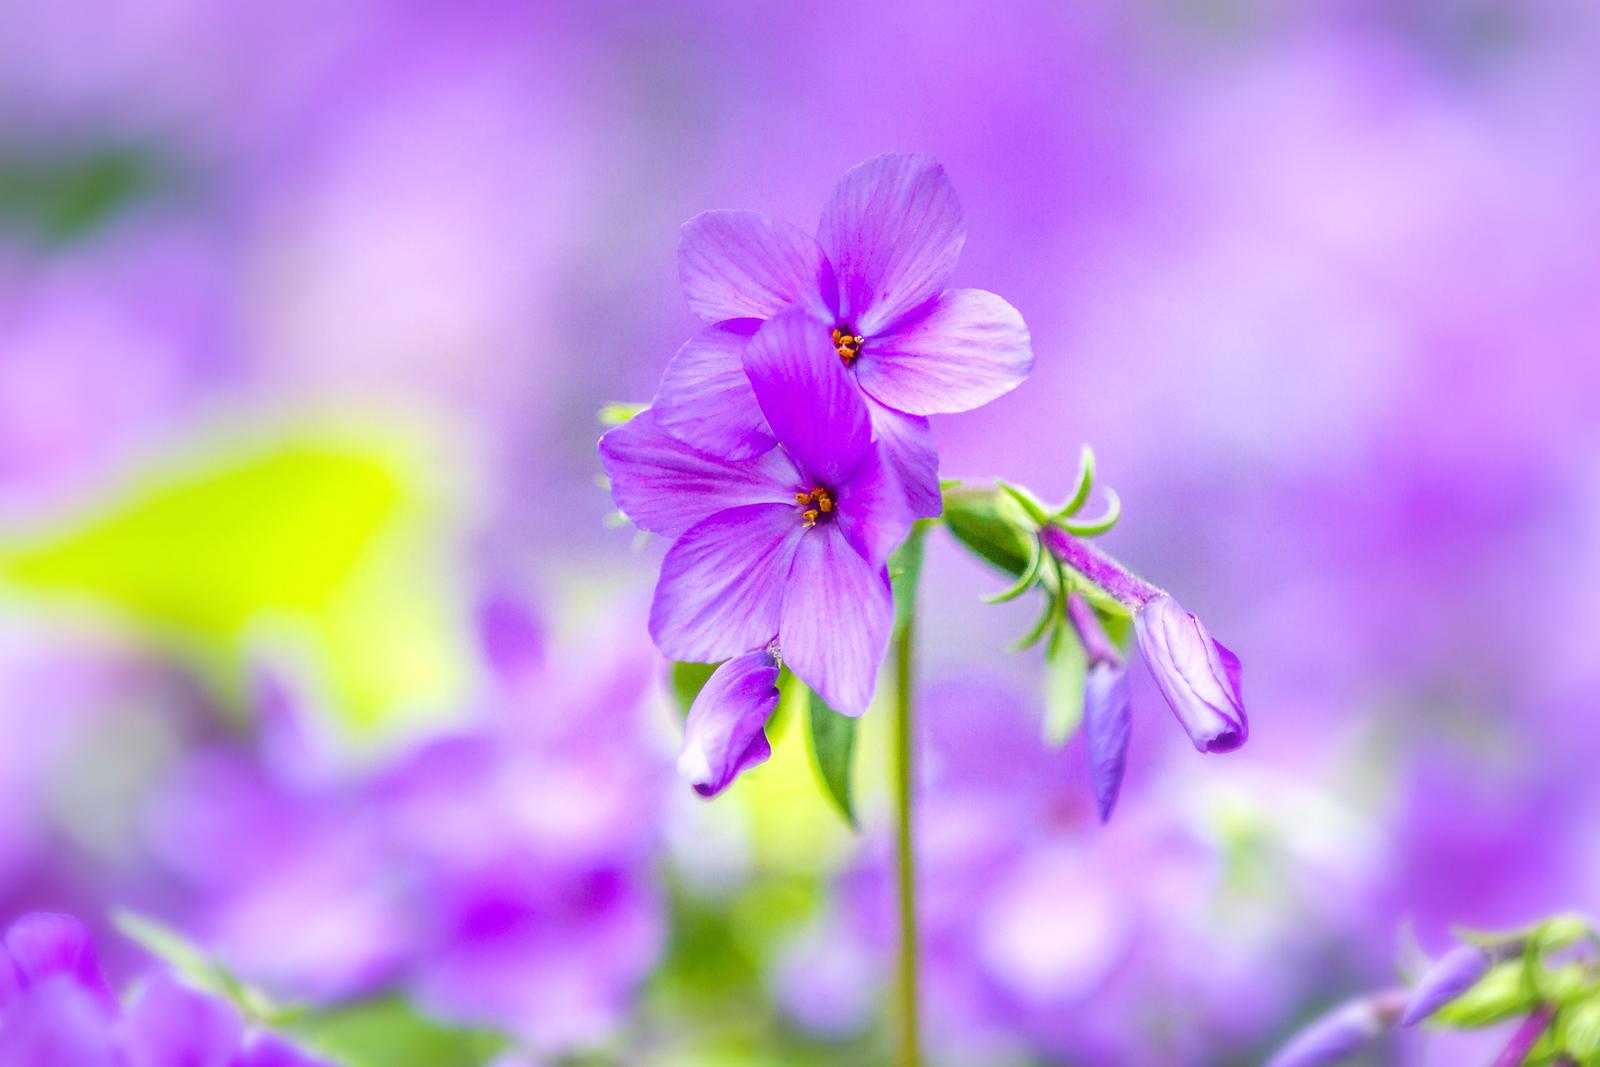 姹紫嫣红的花儿